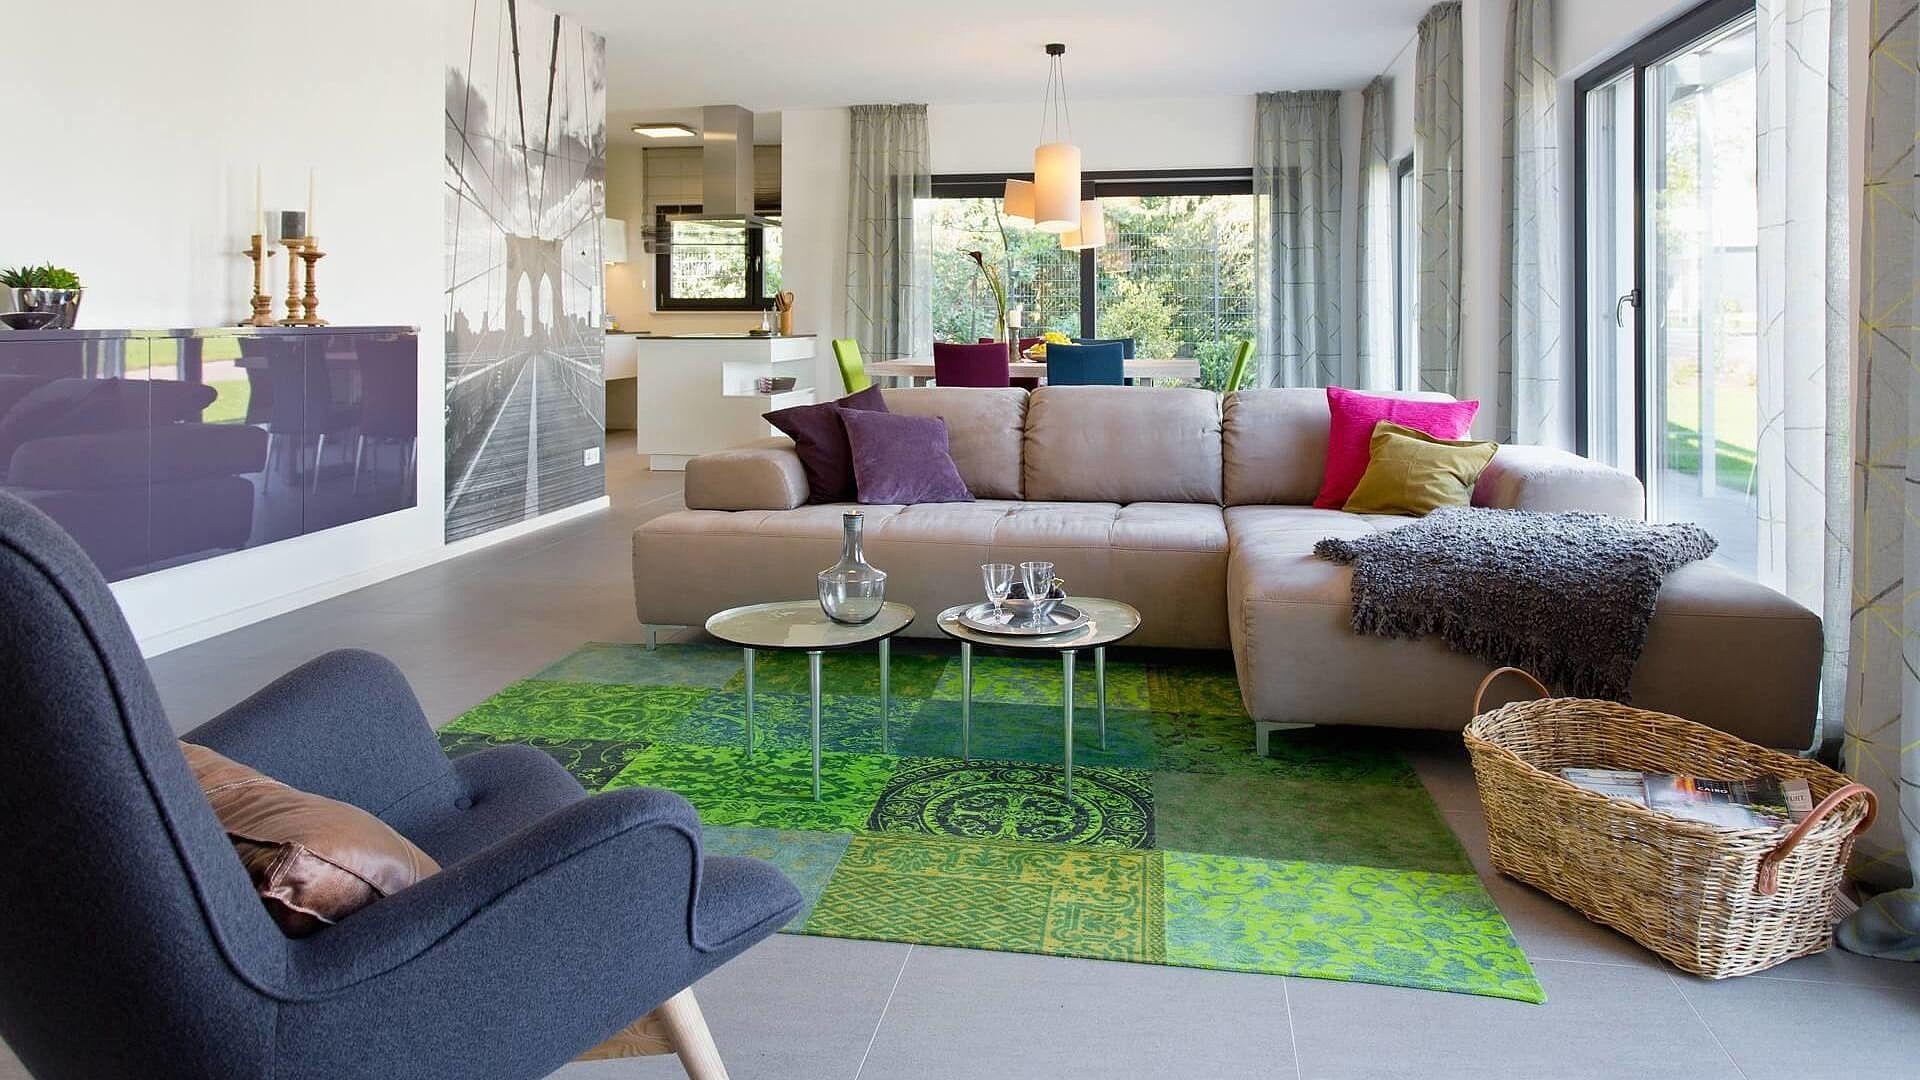 Uberlegen Wohnzimmer Helle Wände Bodentiefe Fenster Grüner Teppich Beige Couch Bunte  Kissen Grauer Sessel Wandfoto